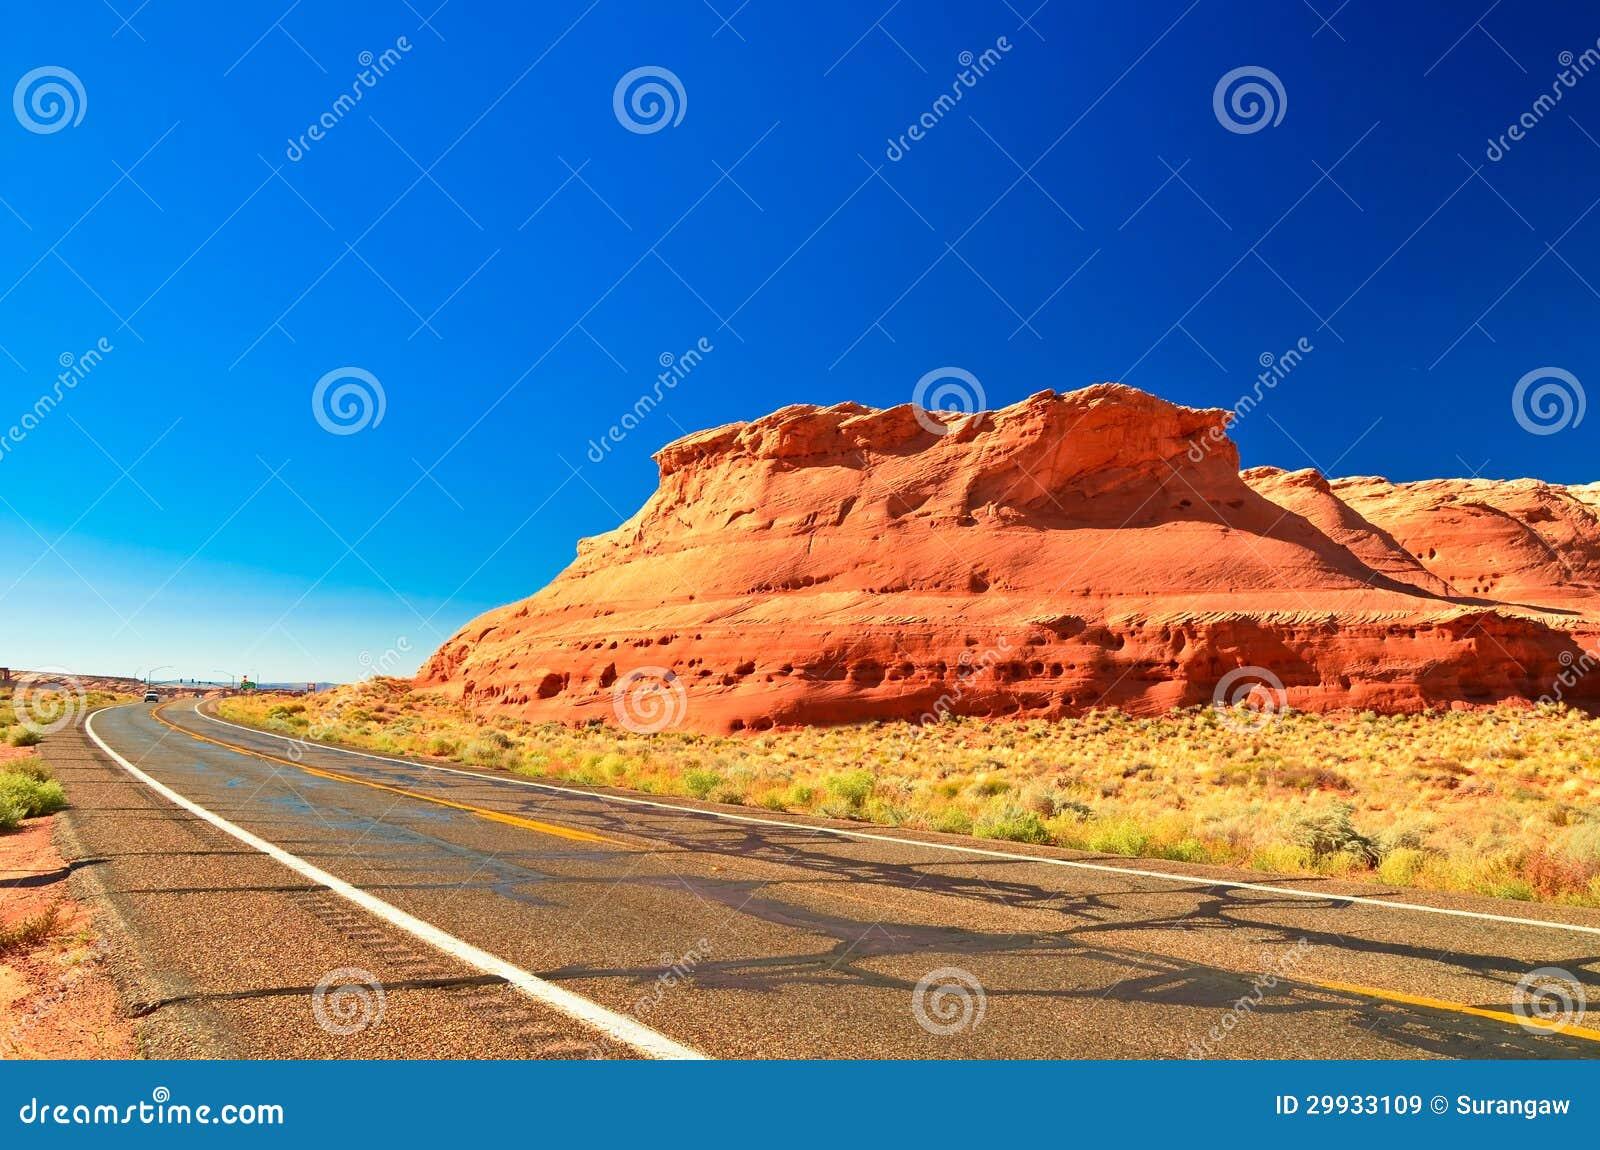 Usa Landscape Grand Canyon Arizona Utah United States